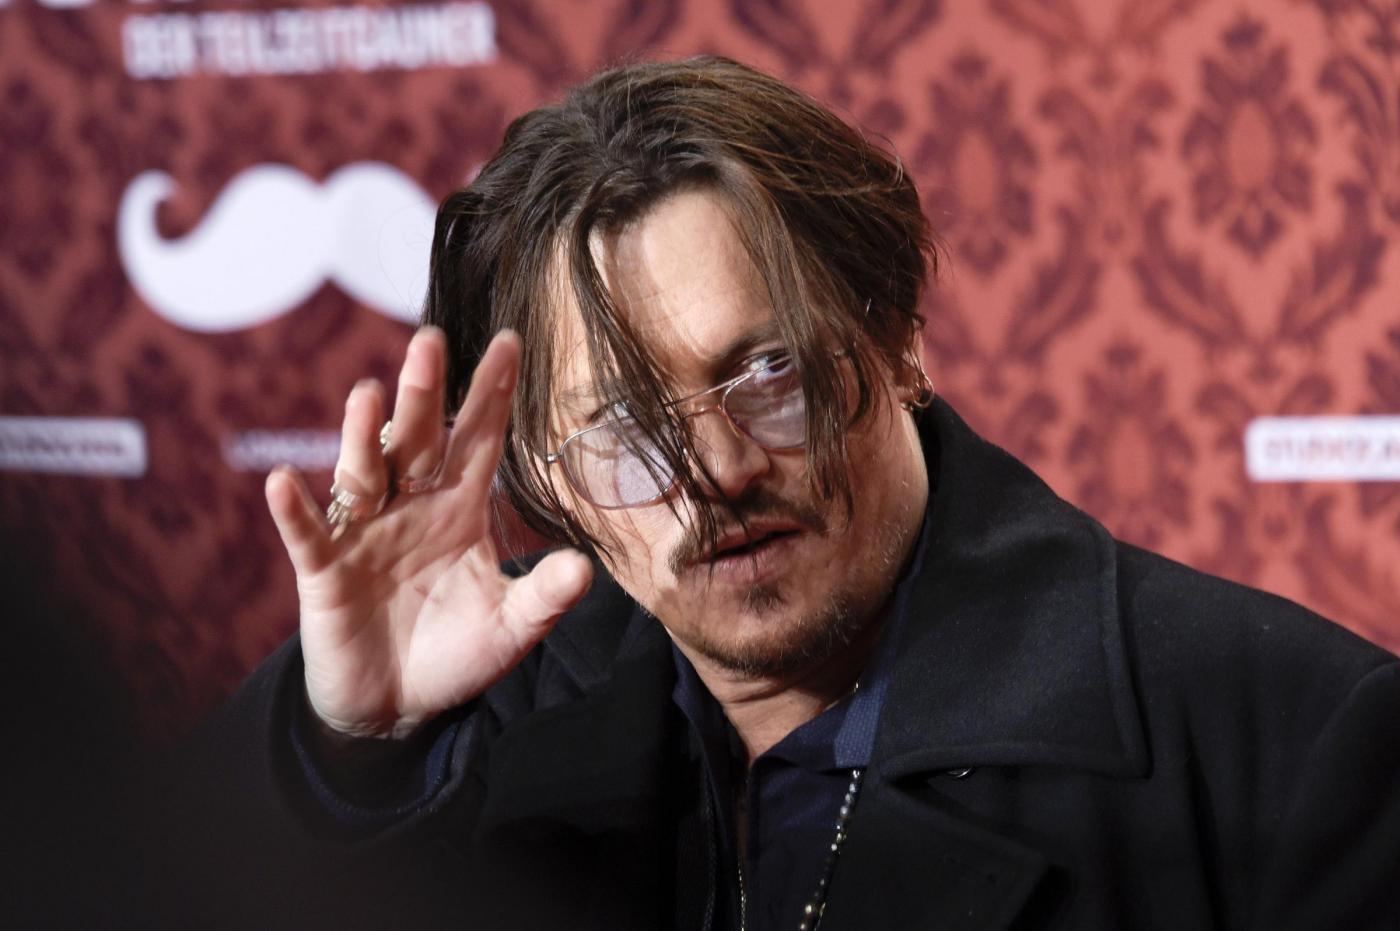 Johnny Depp e Russell Crowe ingrassati: i due attori in sovrappeso sul red carpet